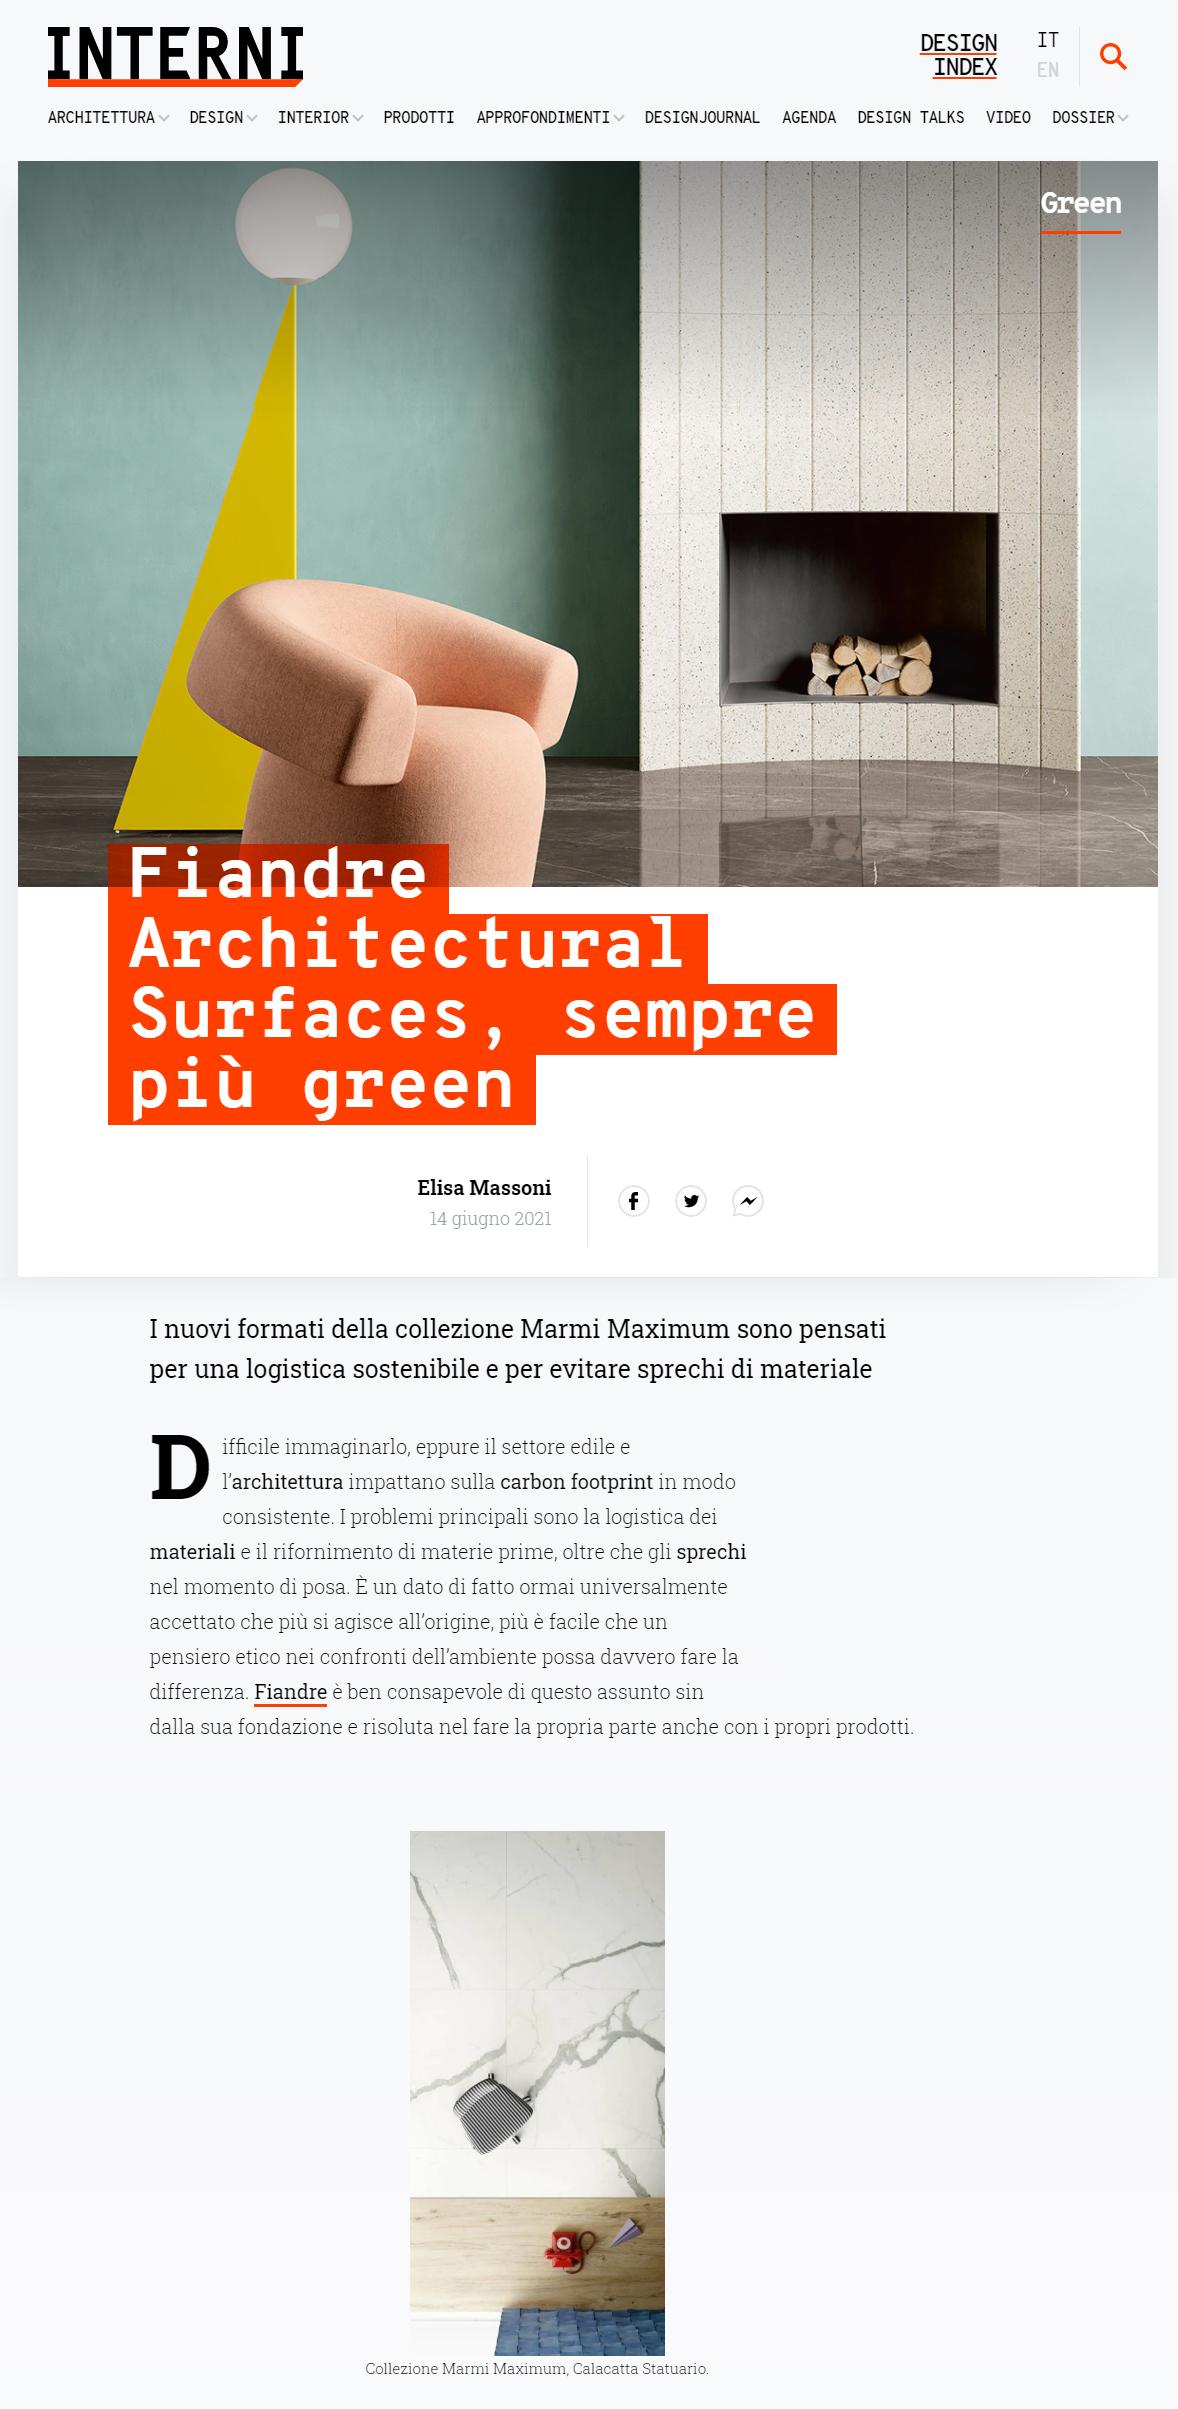 Interni--green-Graniti-Fiandre